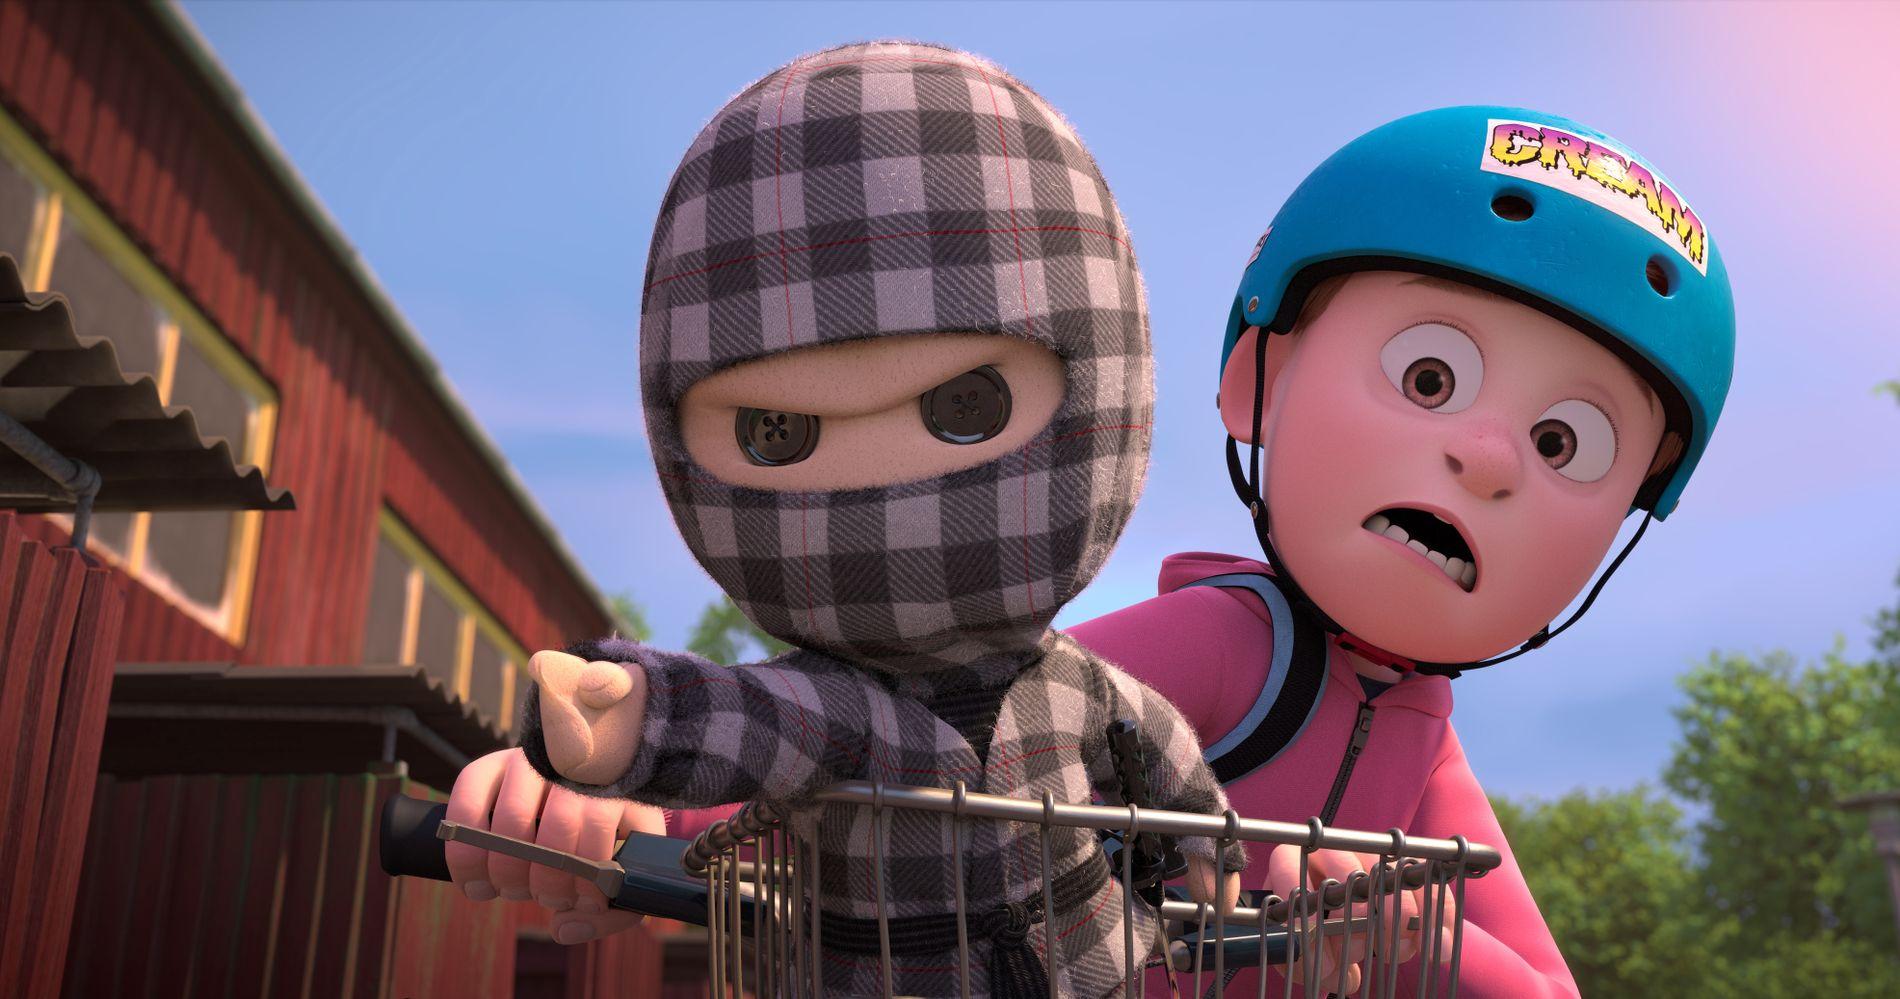 DYNAMISK DANSK DUO: Rutete ninja og Asgeir i filmen som bærer førstnevntes navn.